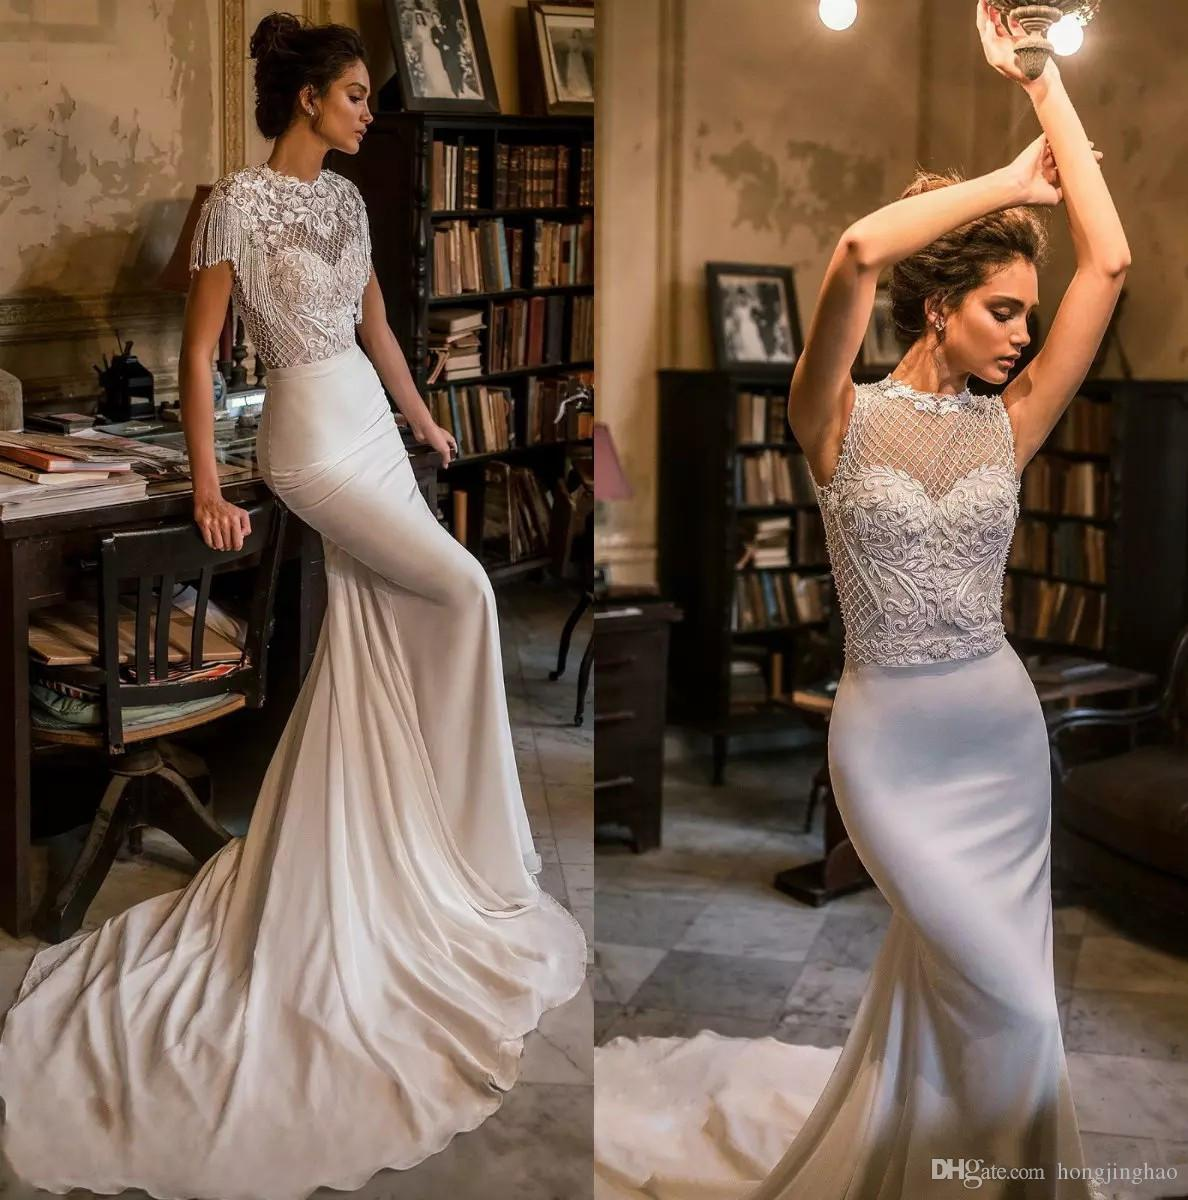 Simple White 2019 Julie Vino Beading Wedding Dresses